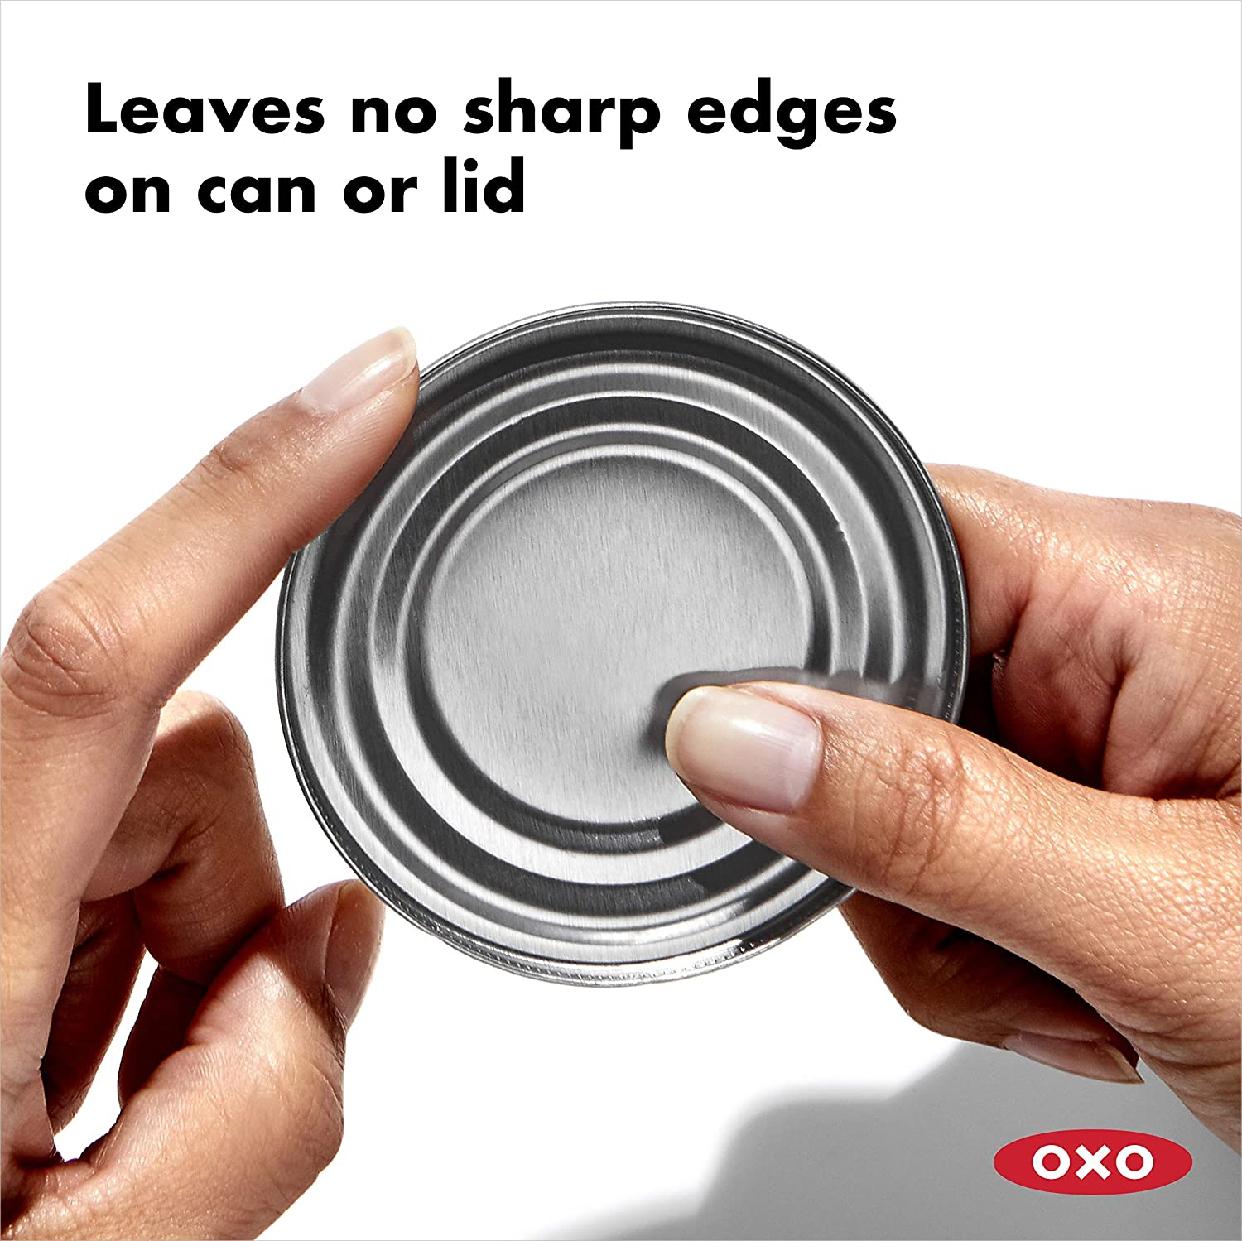 OXO(オクソー) スムーズエッジ カン オープナーの商品画像6